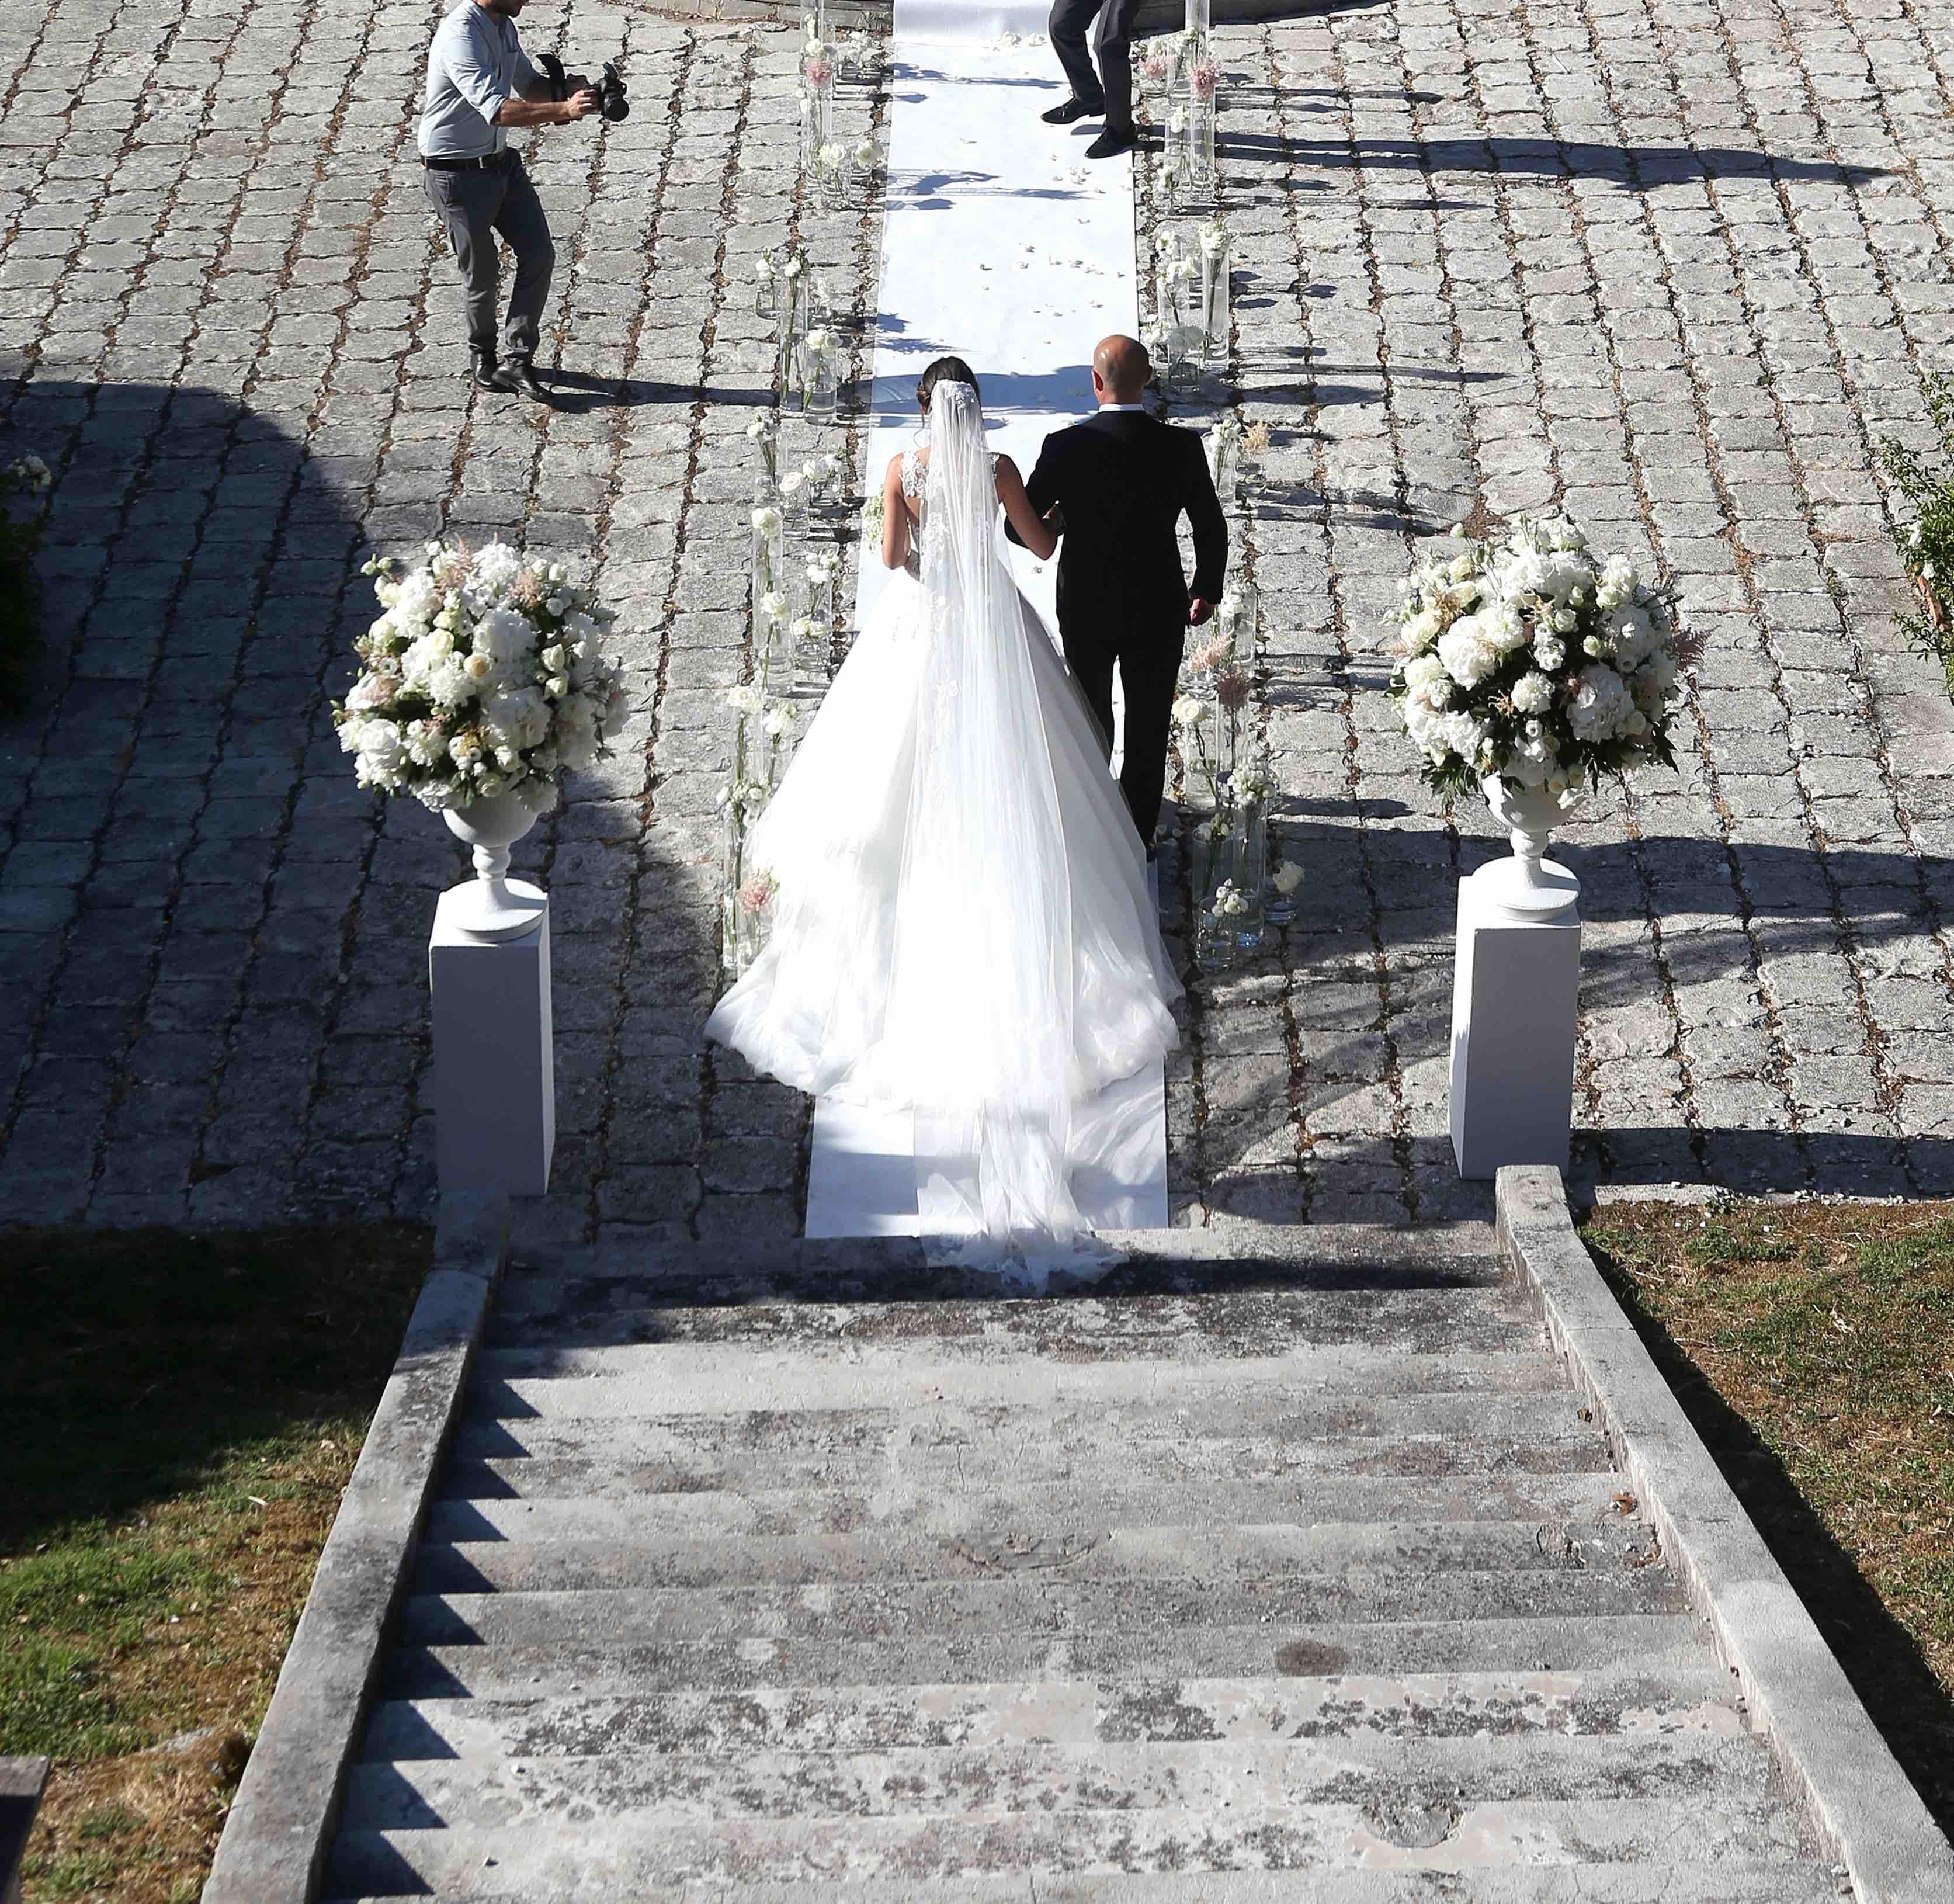 comune pesaro pubblicazioni matrimonio rimini - photo#33